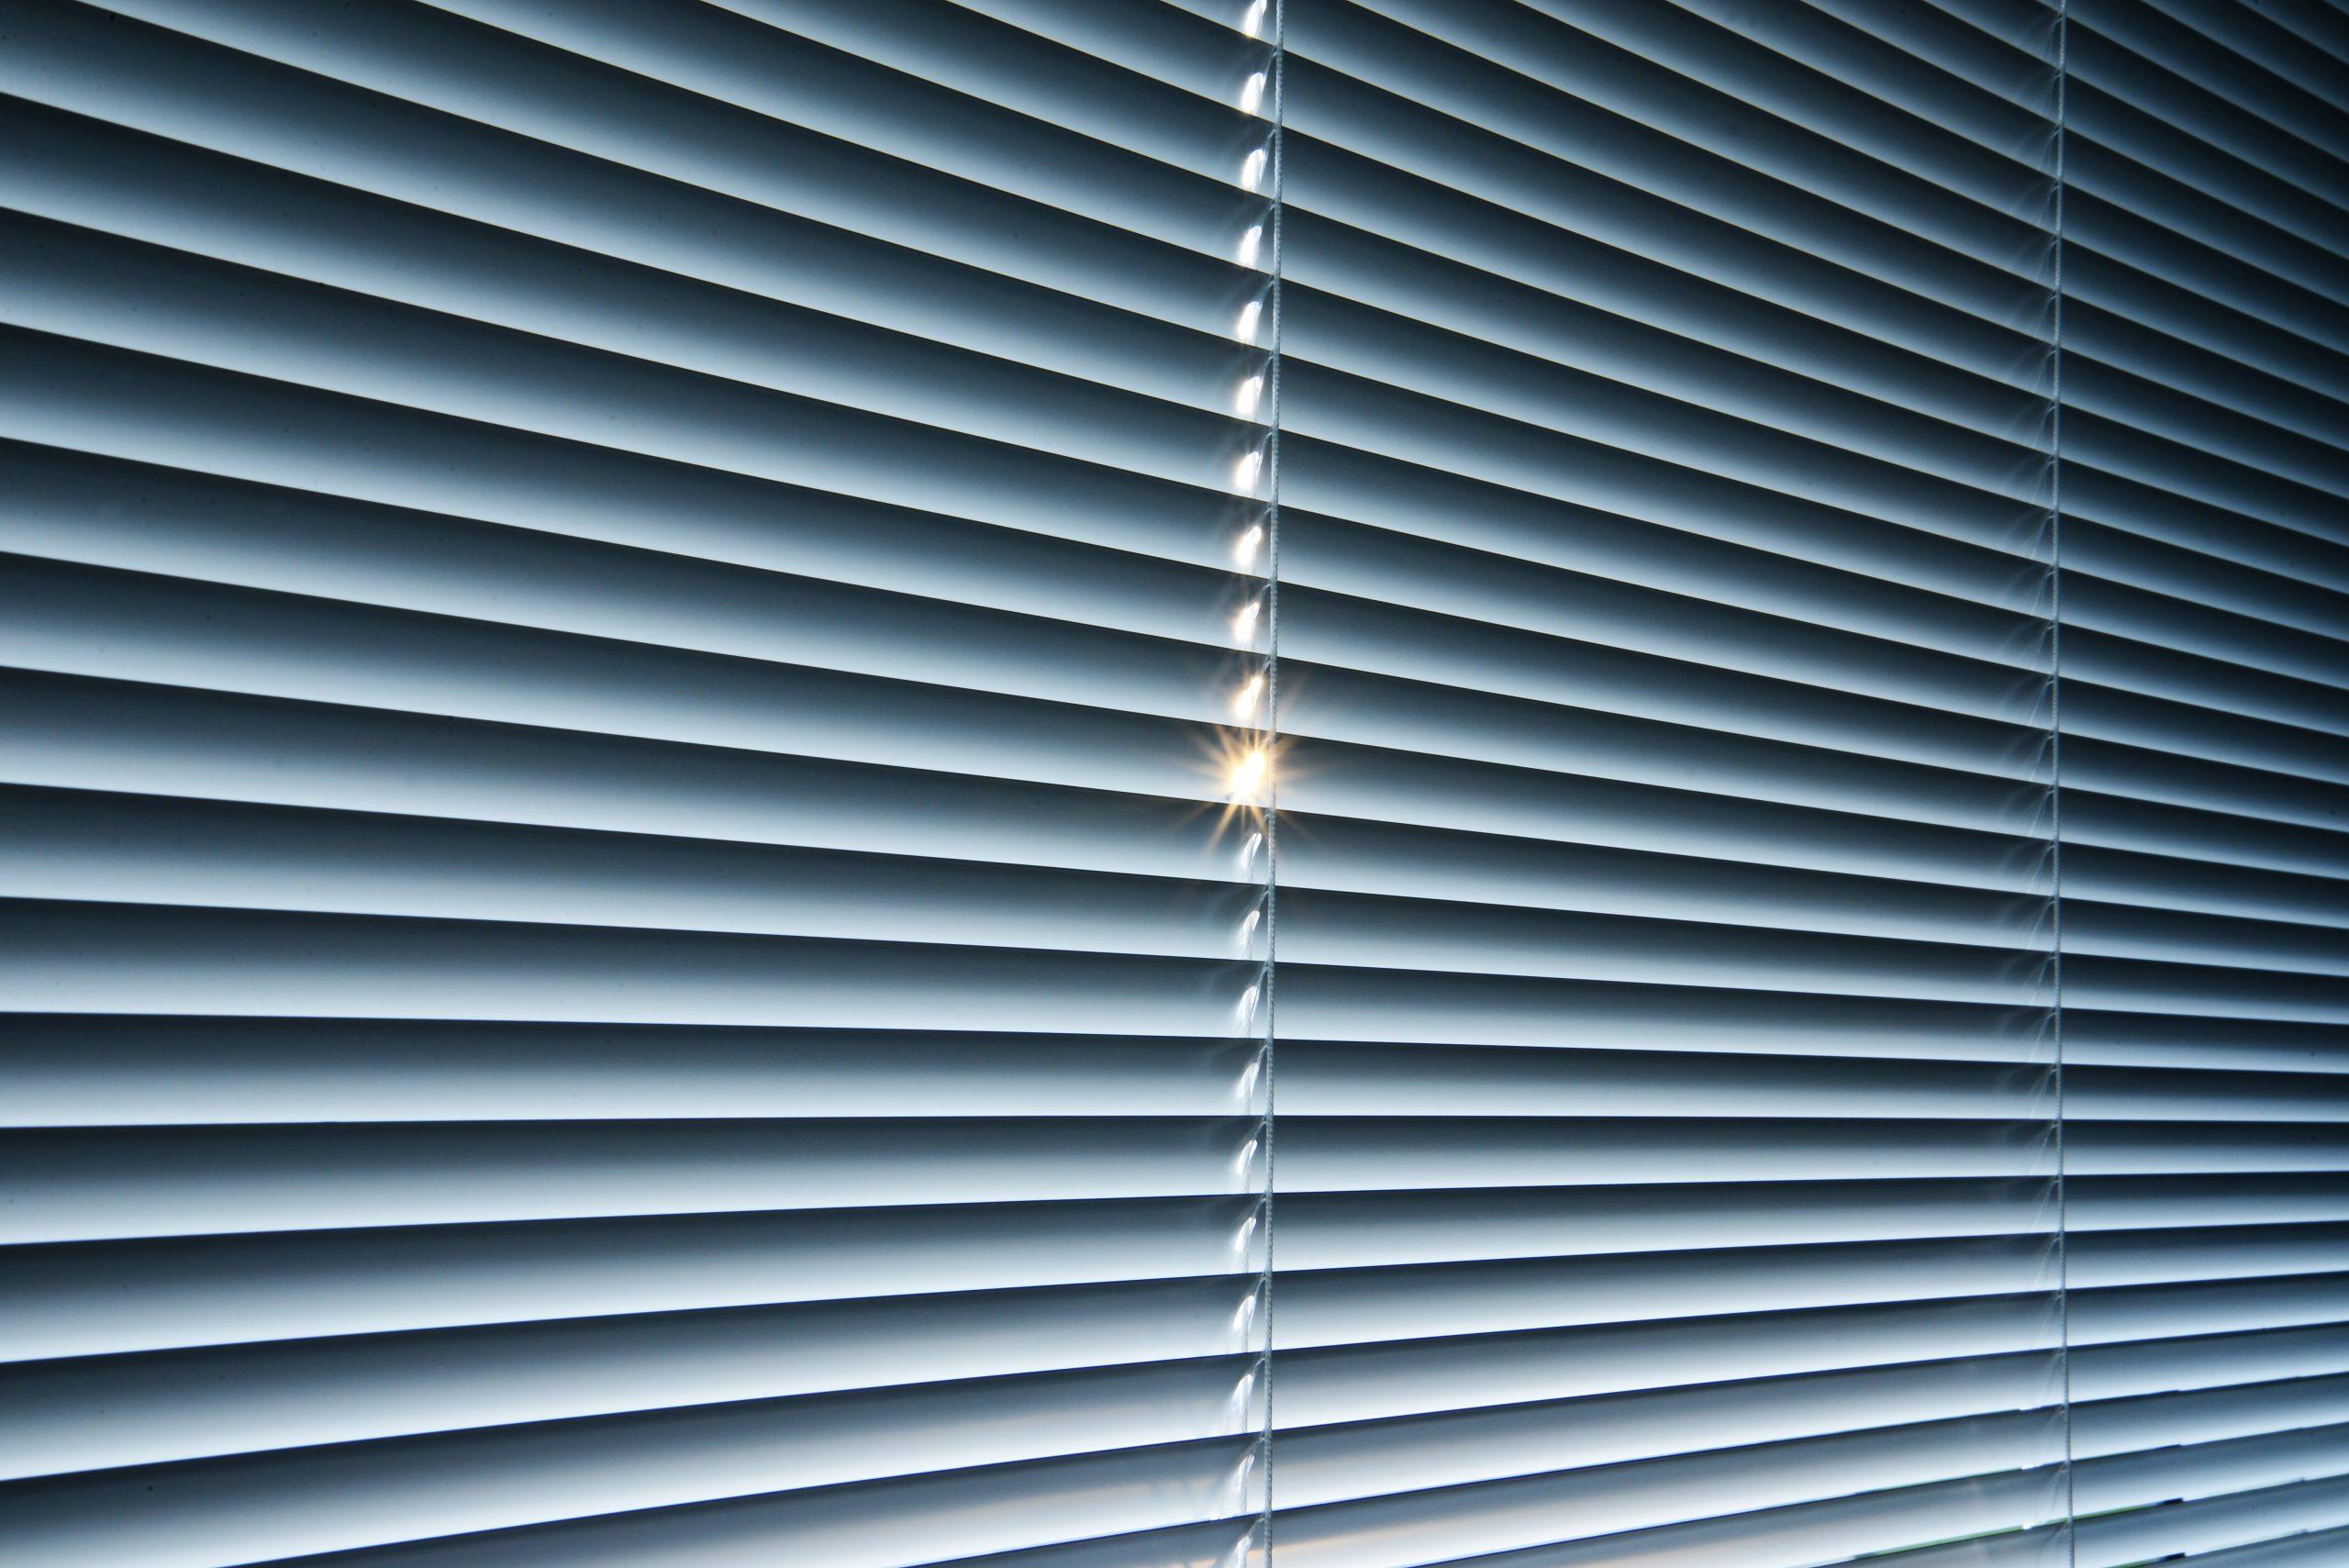 Full Size of Fenster Abdunkeln 6 Tipps Fr Einen Erholsamen Schlaf Fliegengitter Für Rc3 Einbruchschutzfolie Runde Erneuern Mit Lüftung Sichtschutzfolie Einseitig Fenster Schräge Fenster Abdunkeln